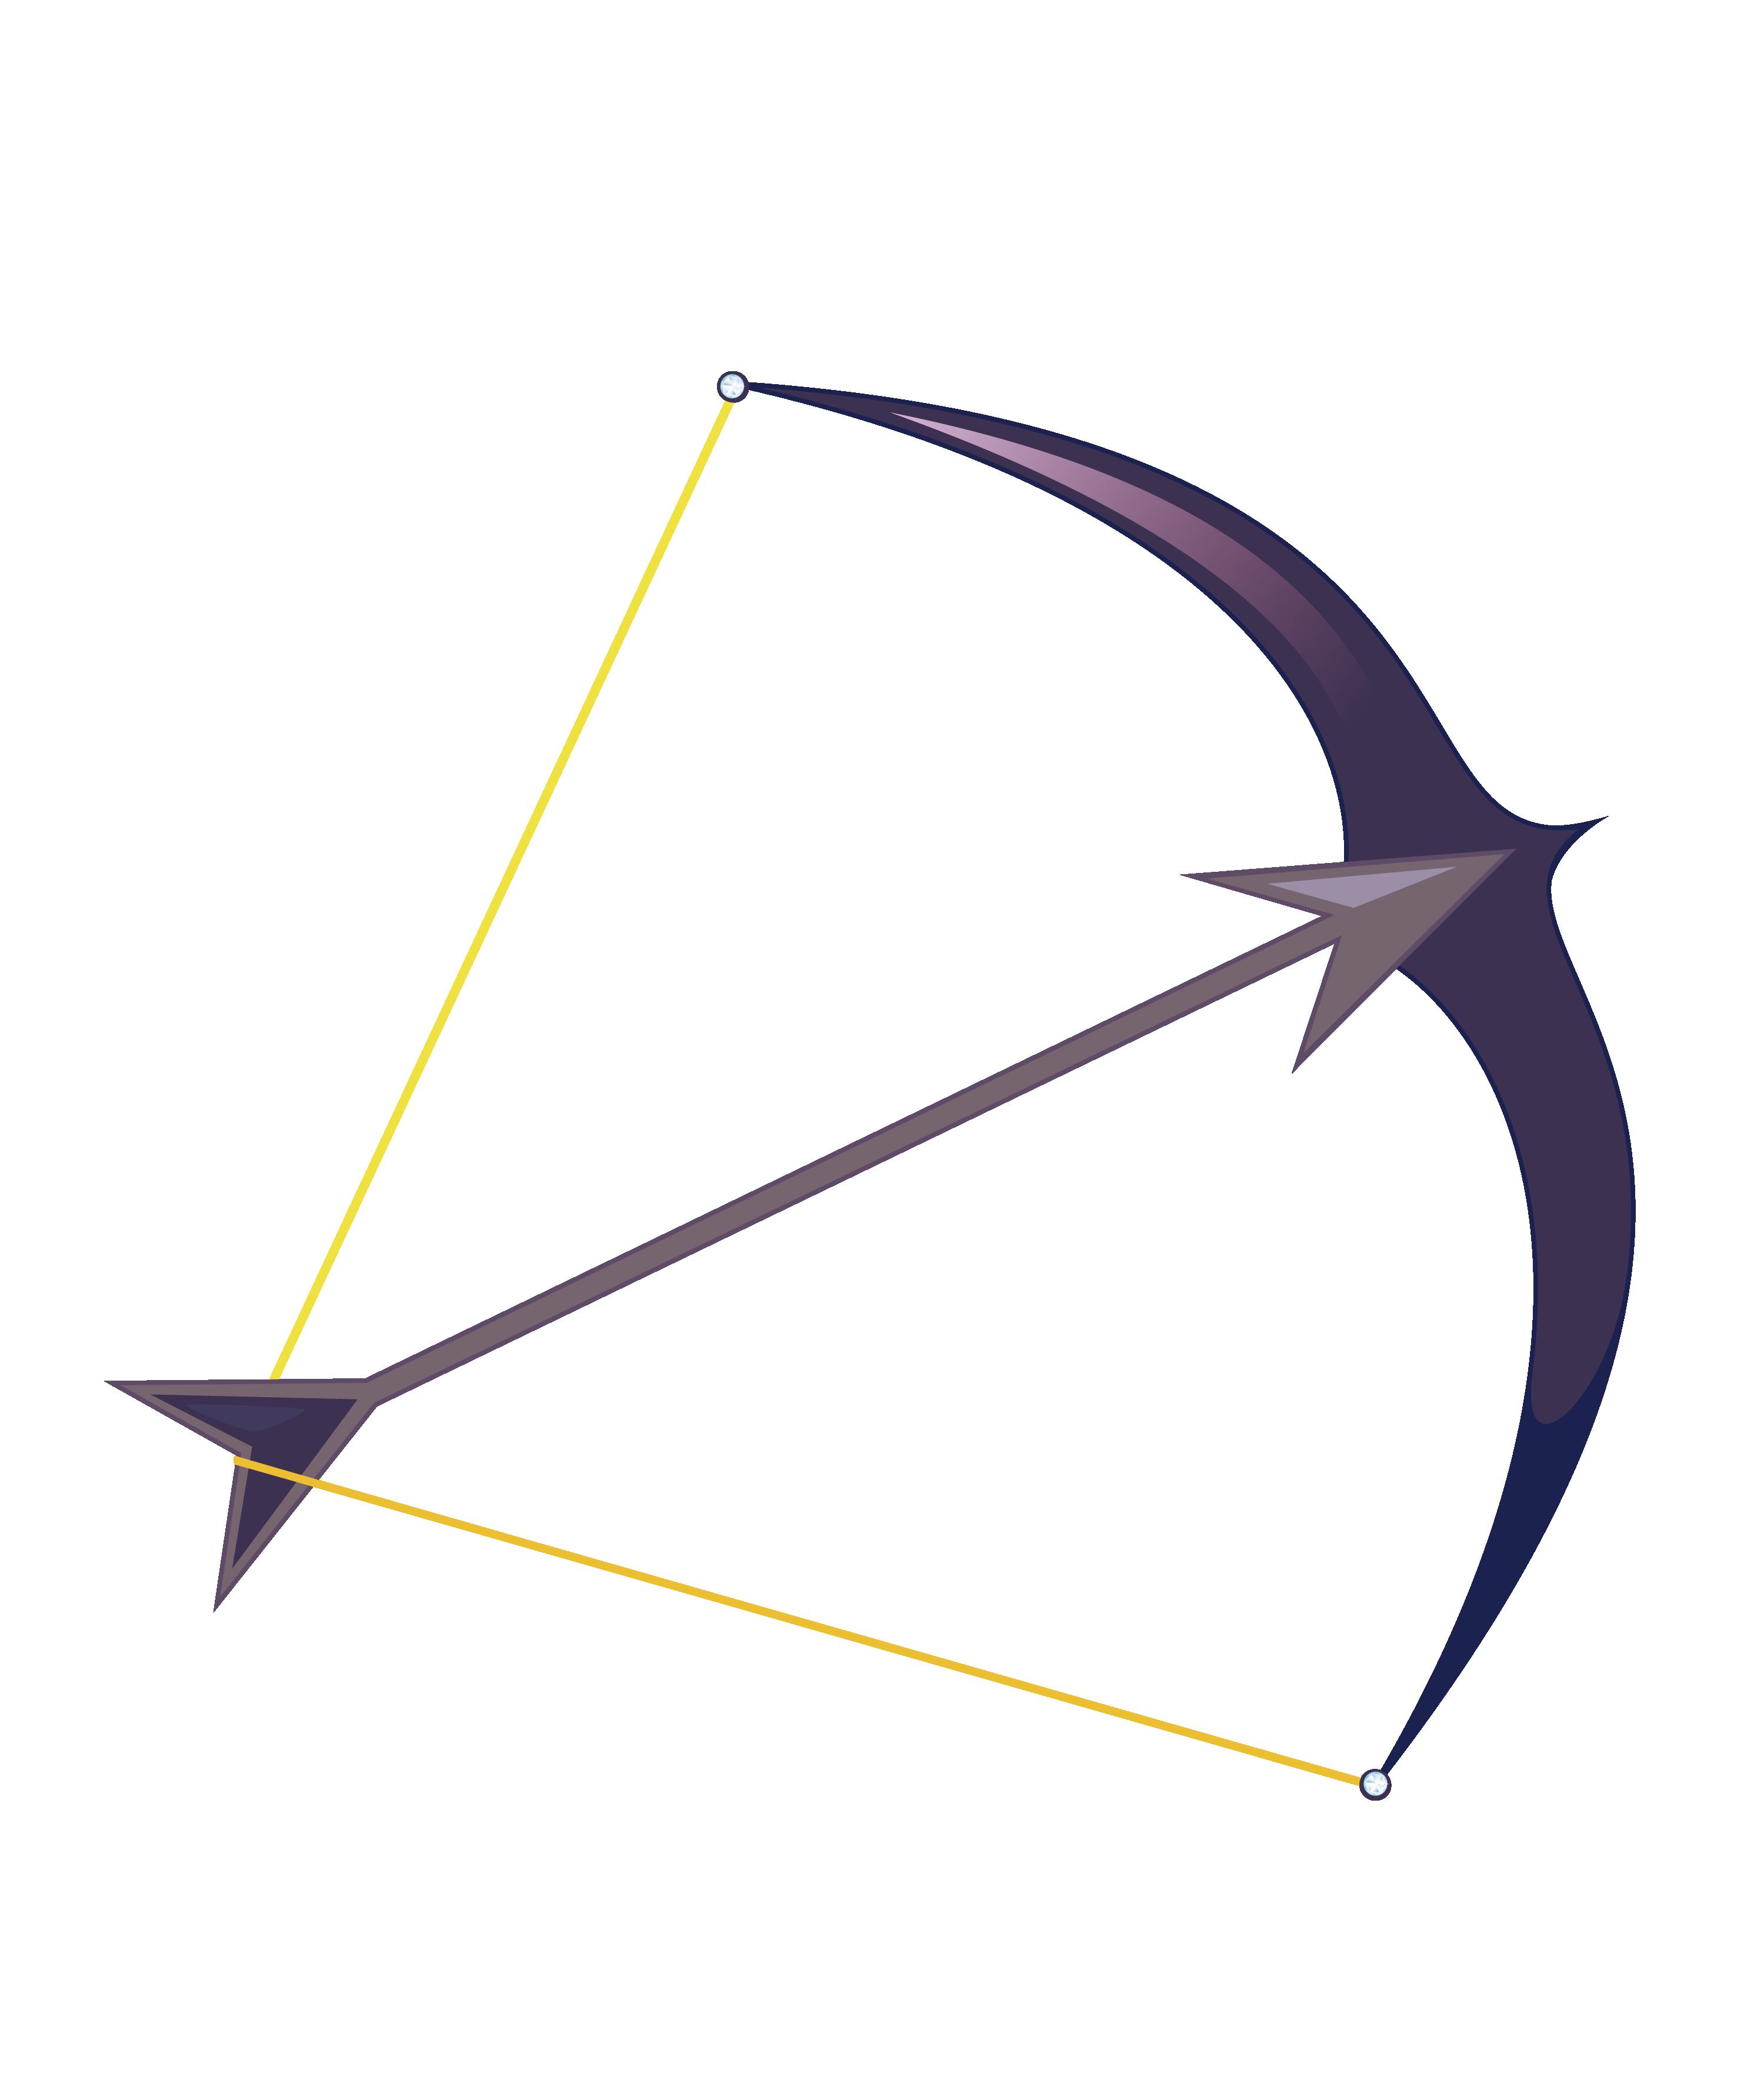 2999x3524 Bow And Arrow Arc